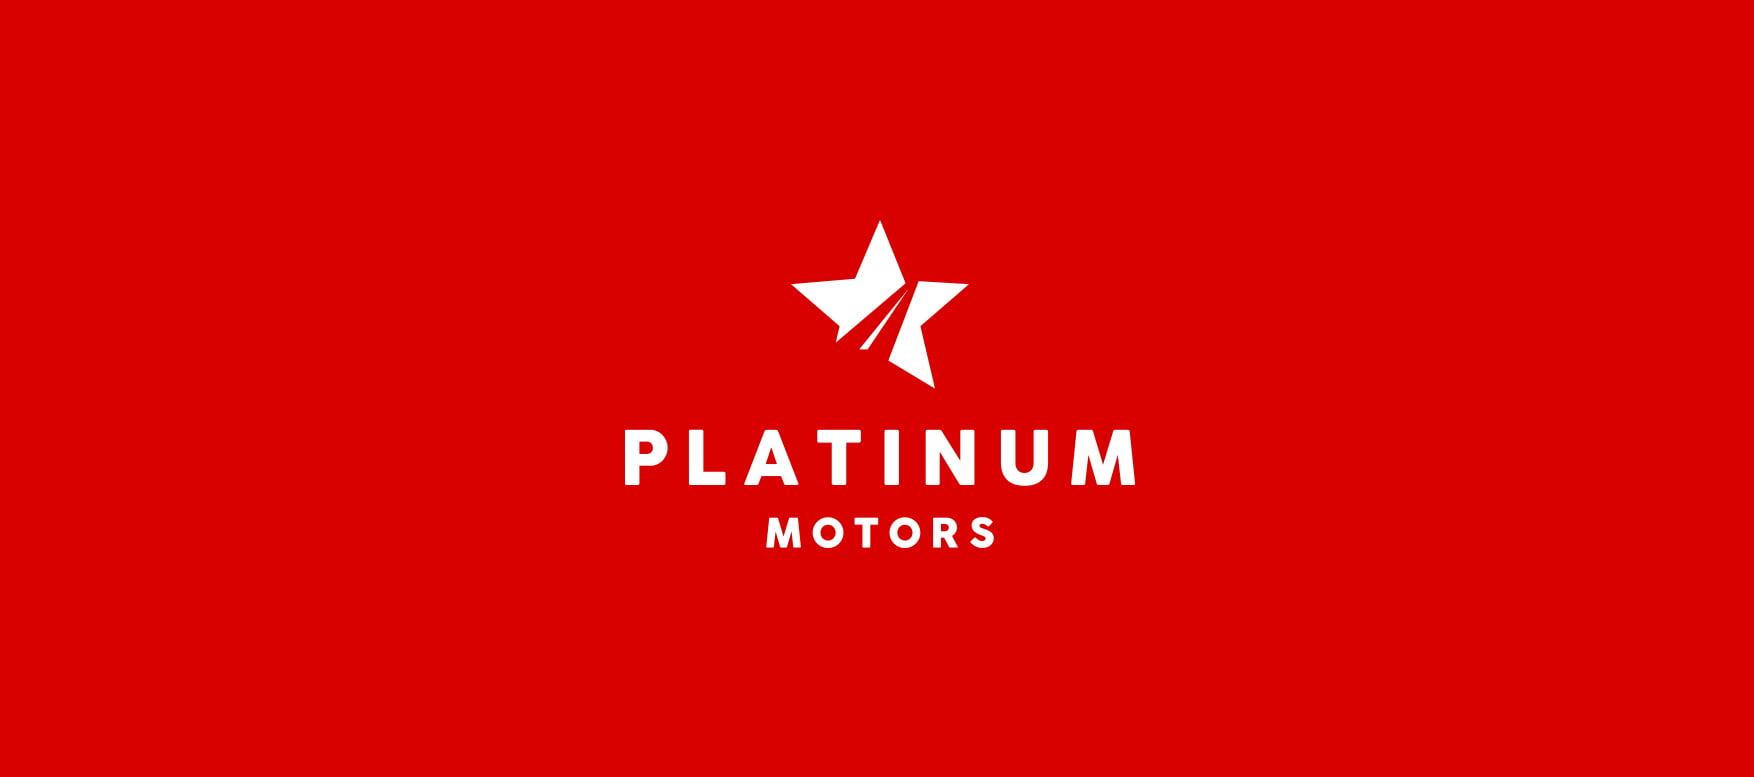 Platinum Motors